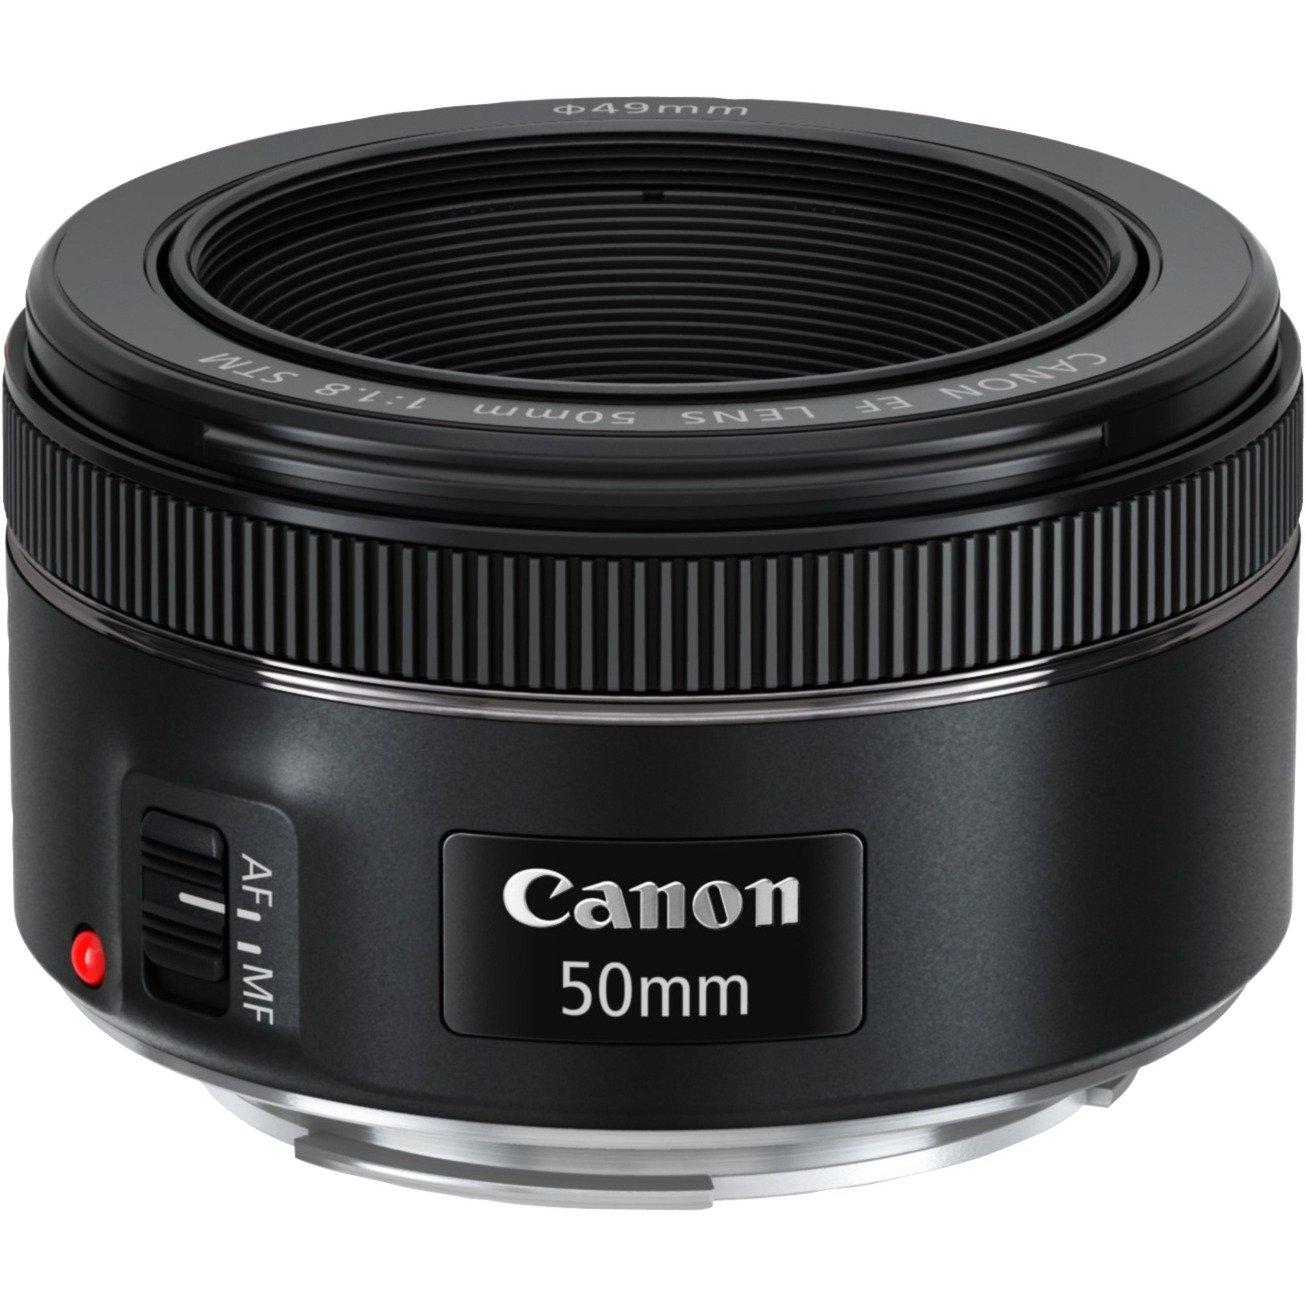 EF 50mm f/1.8 STM SLR Téléobjectif Noir, Lentille